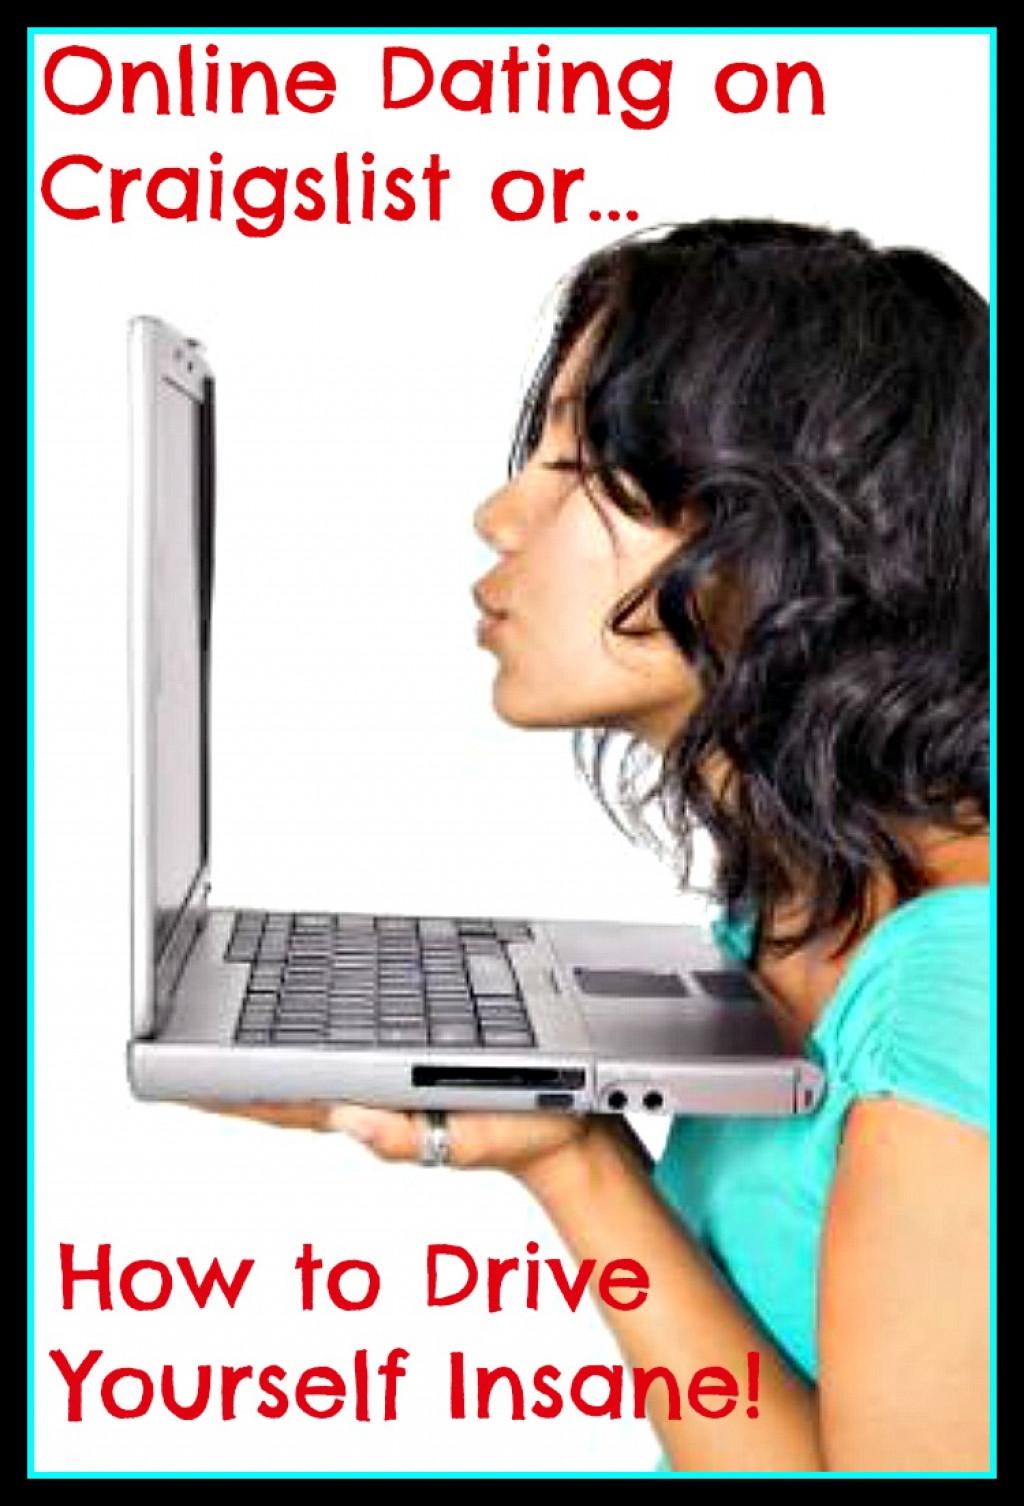 Online dating craigslist in Melbourne